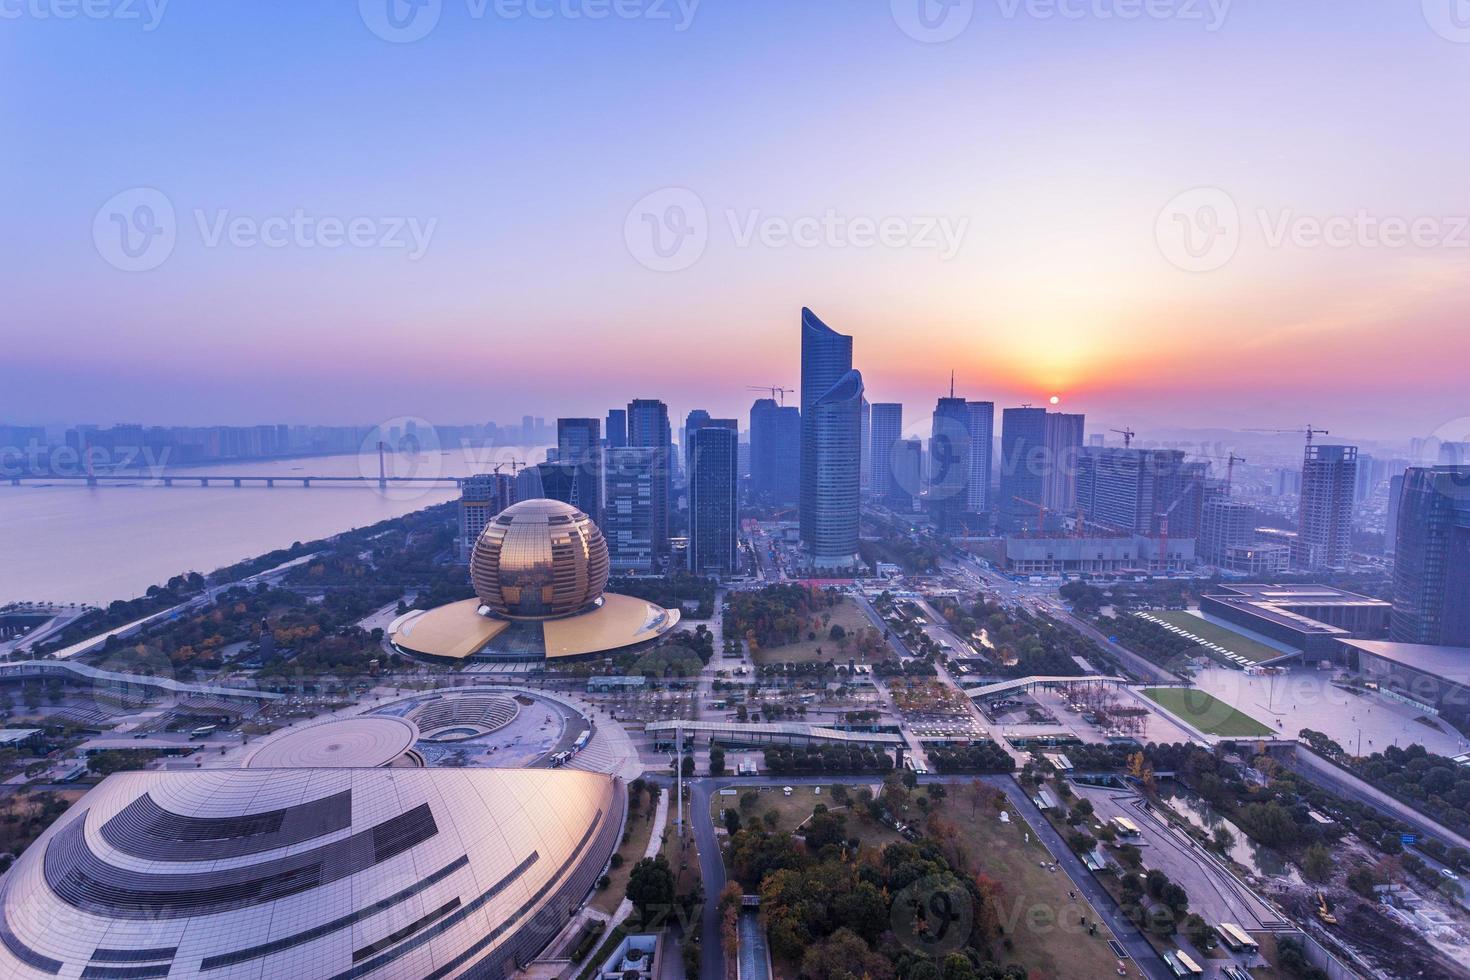 paesaggio urbano moderno e traffici durante l'alba foto